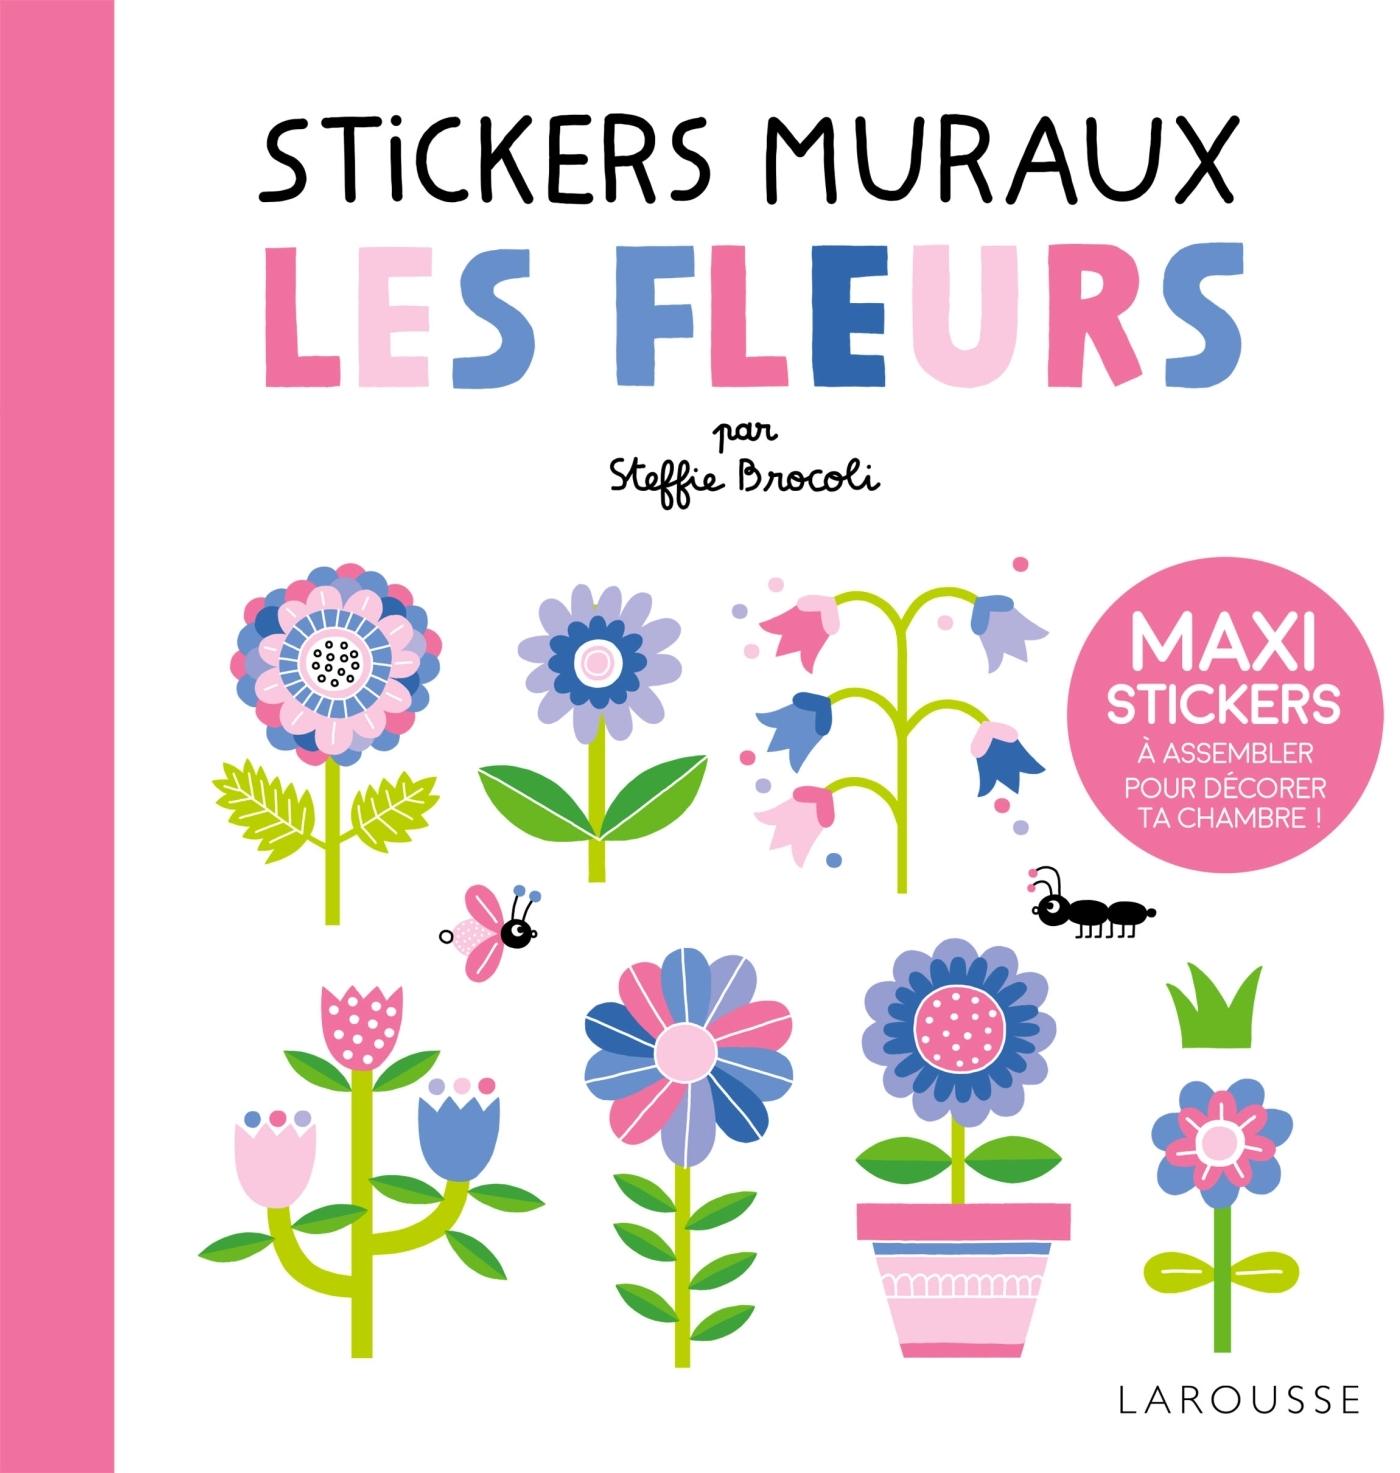 STICKERS MURAUX - LES FLEURS